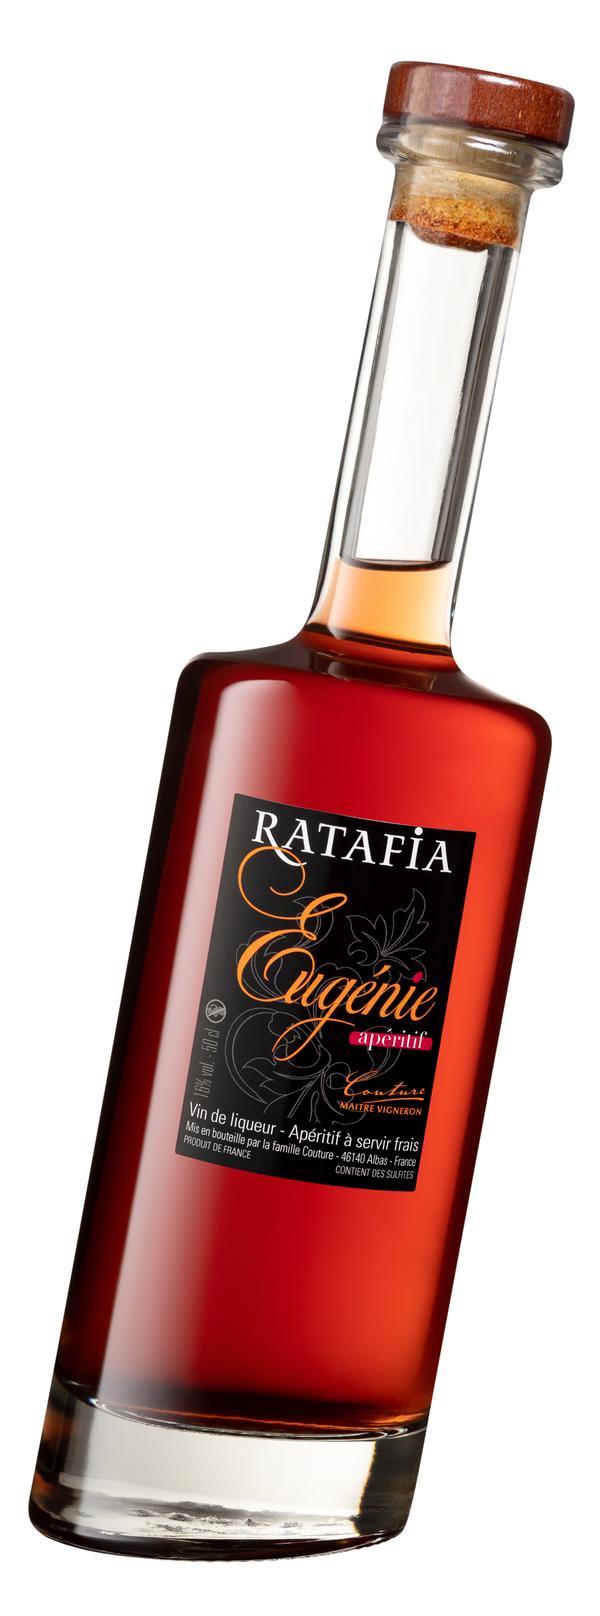 Ratafia, Appéritif Traditionnel du Quercy ! dans sa bouteille penchée 50cl